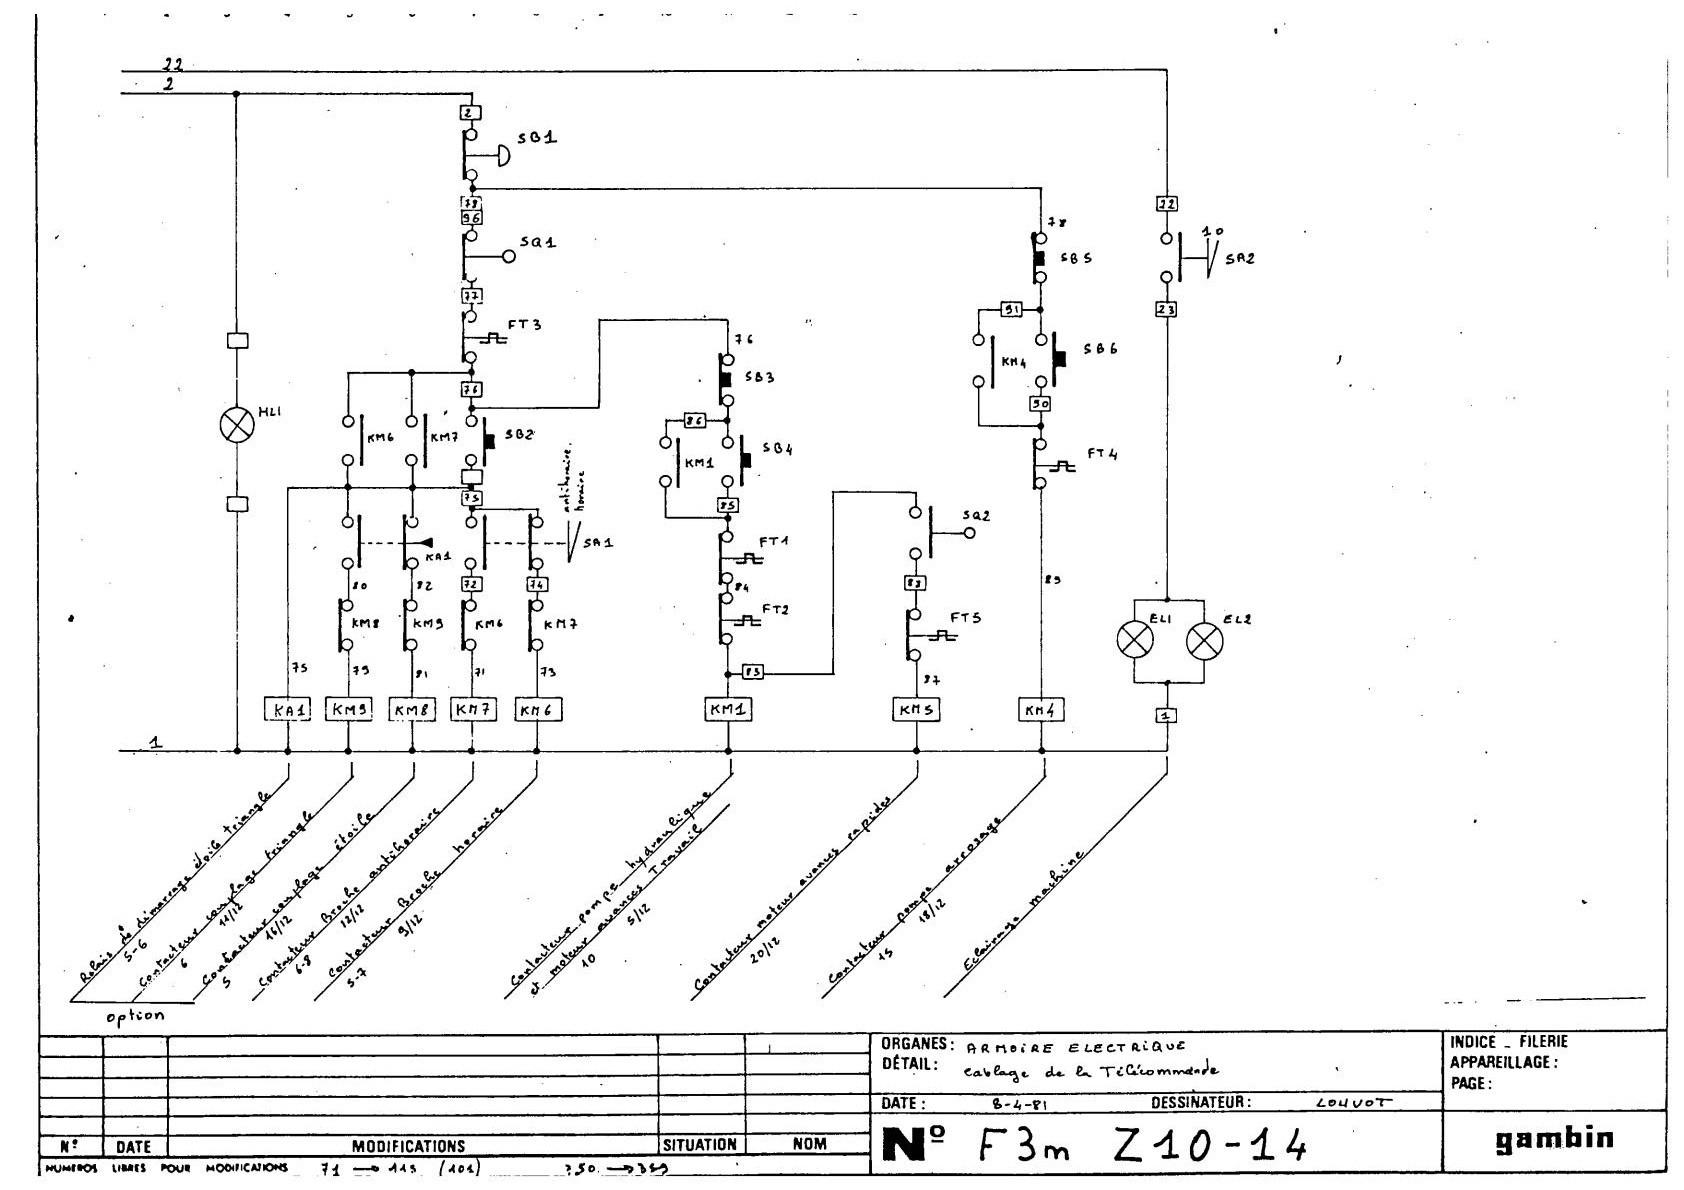 Gambin 3 M 1972r Schemat electric Uw6610